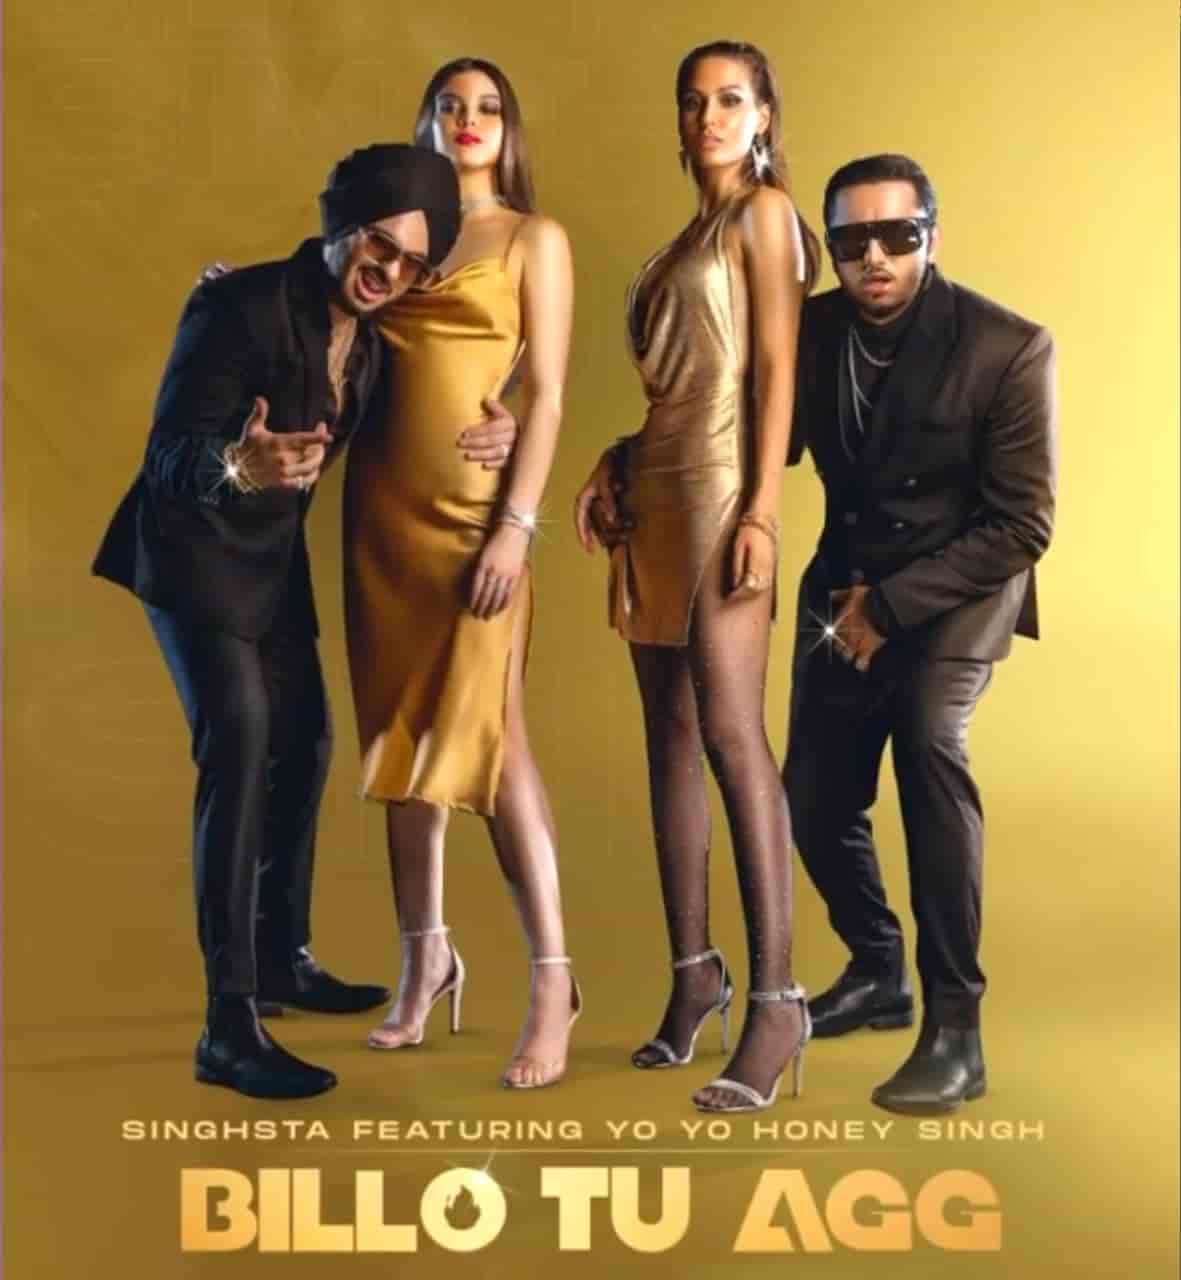 Billo Tu Agg Rap Song Image By Yo Yo Honey Singh and Singhsta